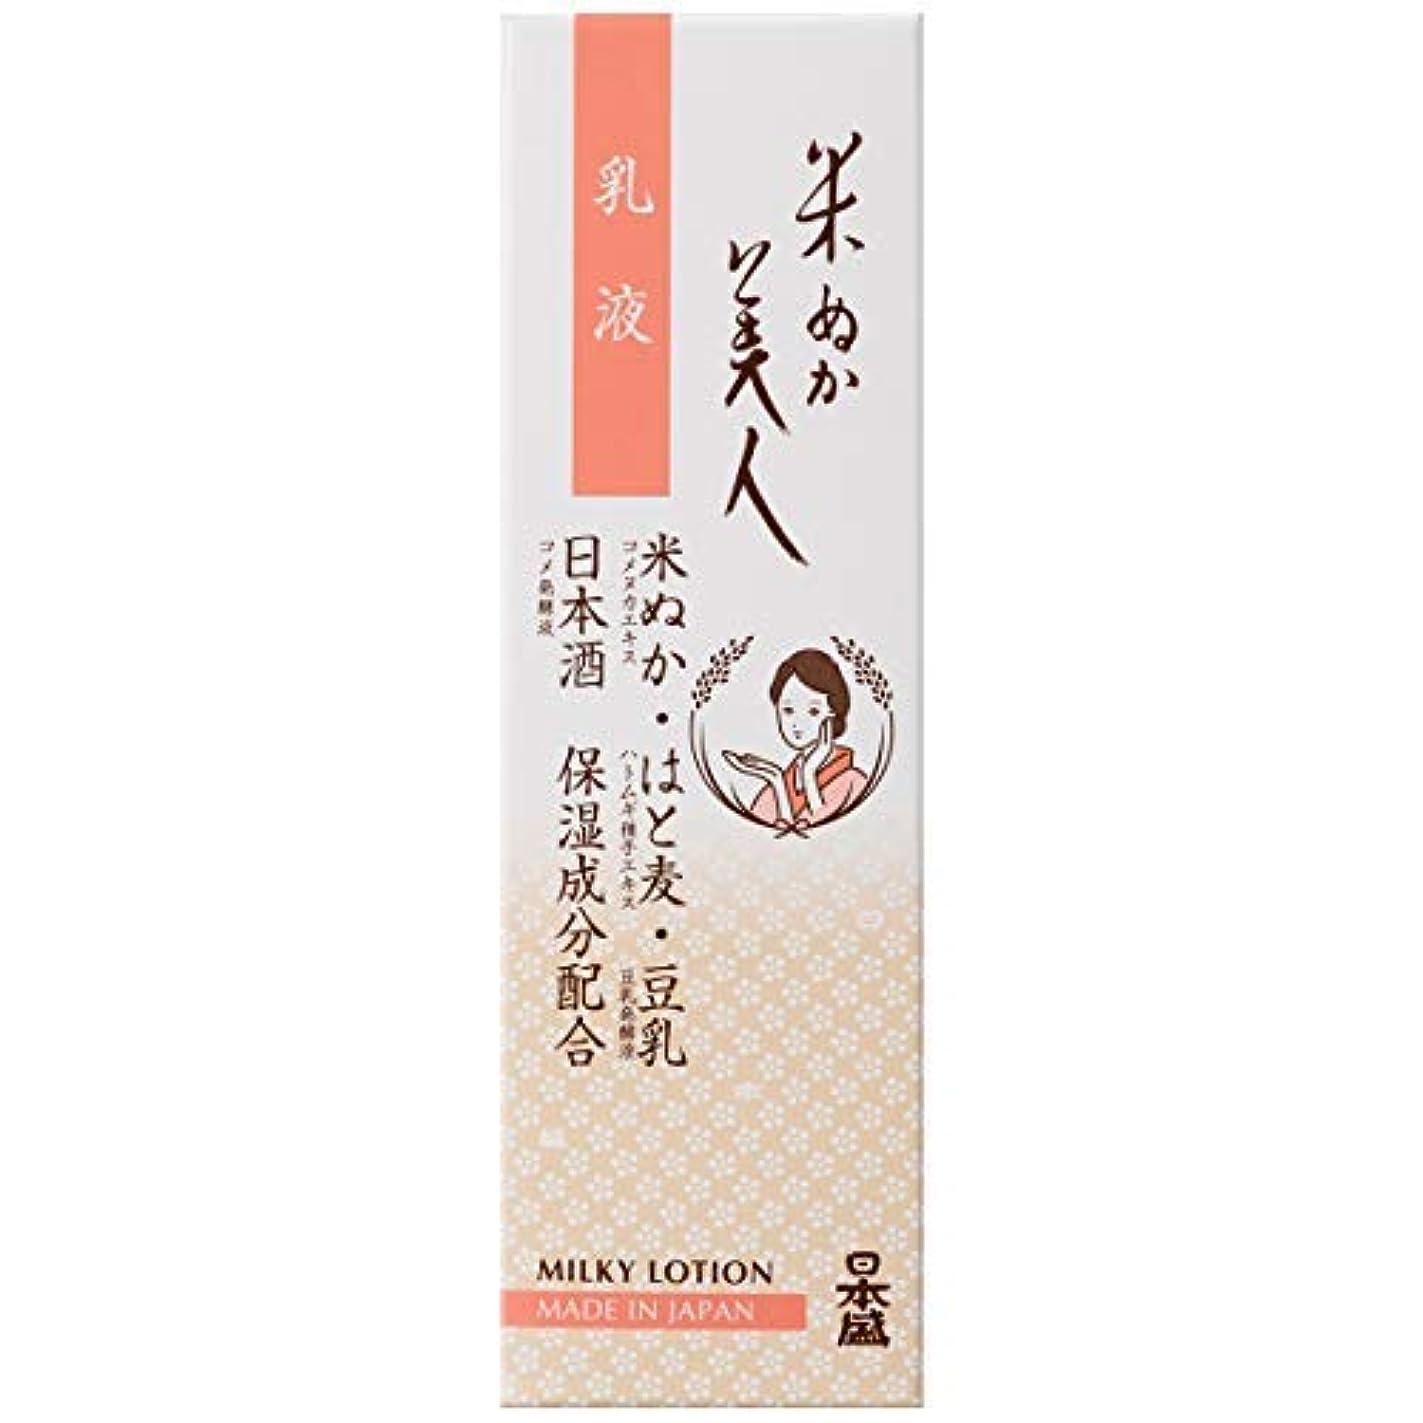 脱獄スキルシャイニング米ぬか美人 乳液 × 3個セット